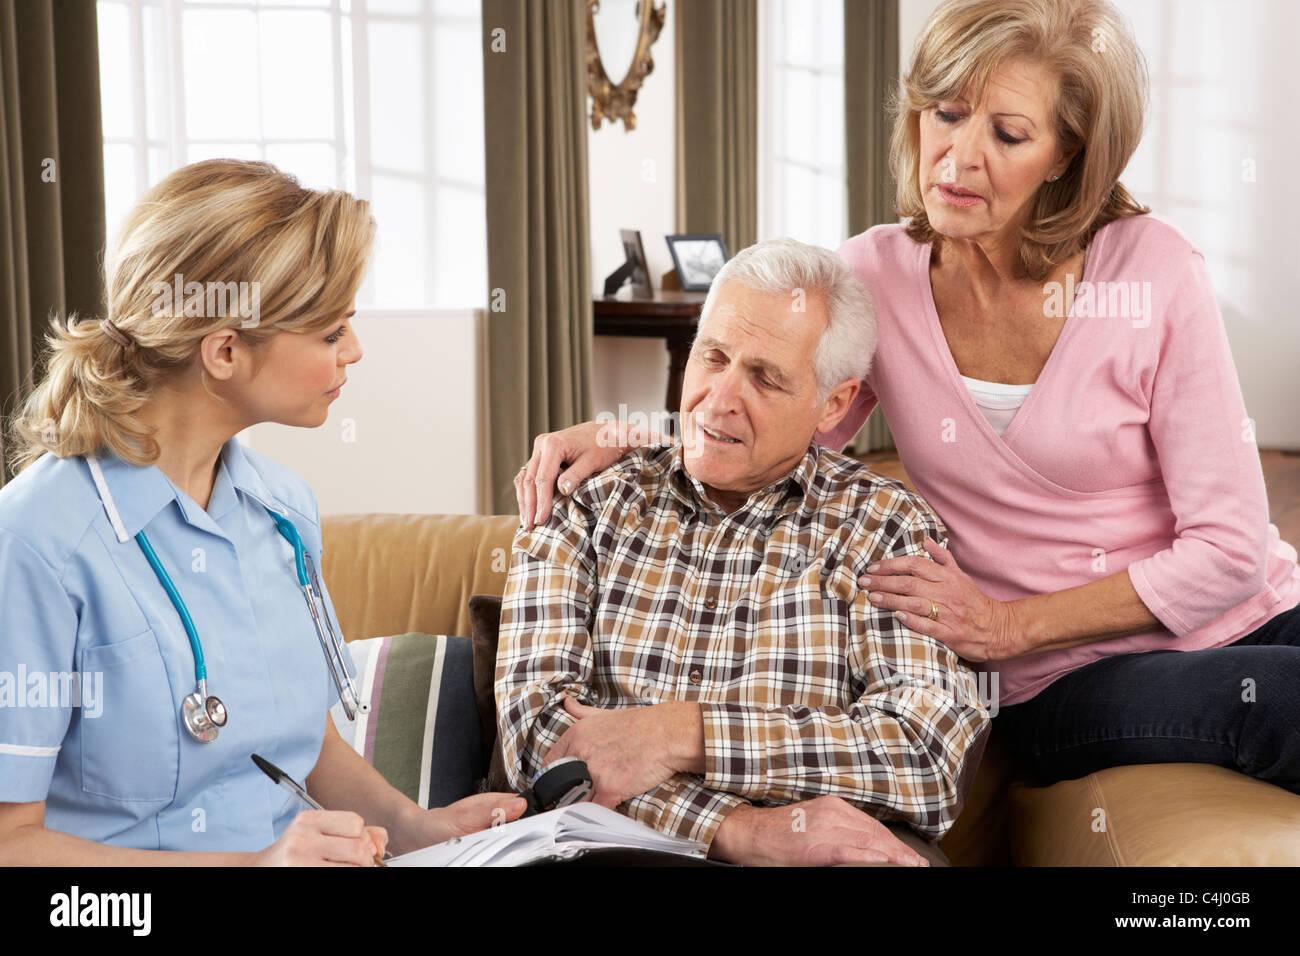 Coppia senior parlando di salute ospite a casa Immagini Stock